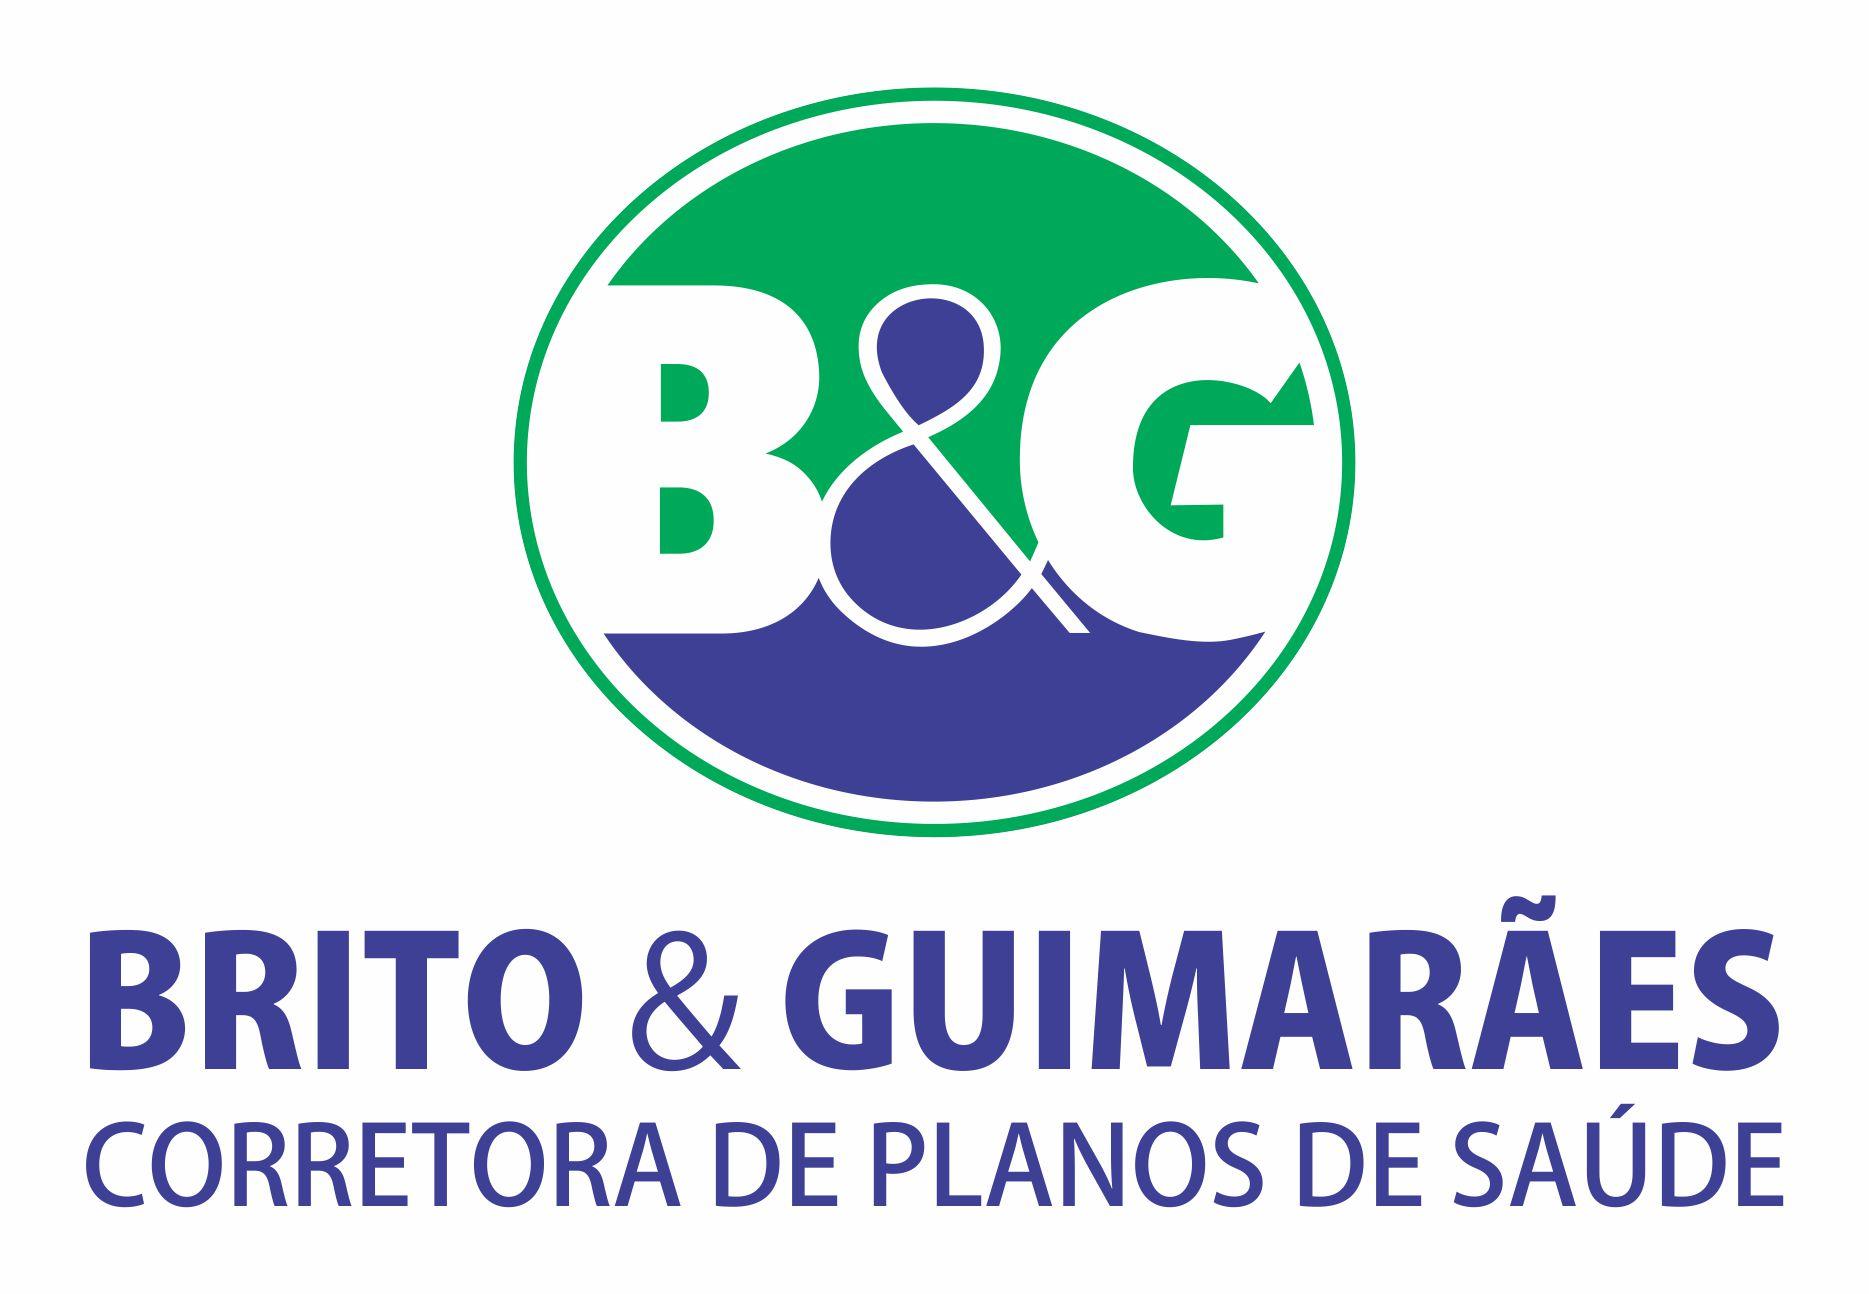 BRITO & GUIMARÃES ADMINISTRADORA CORRETORA SEGUROS E PLANOS DE SAUDE